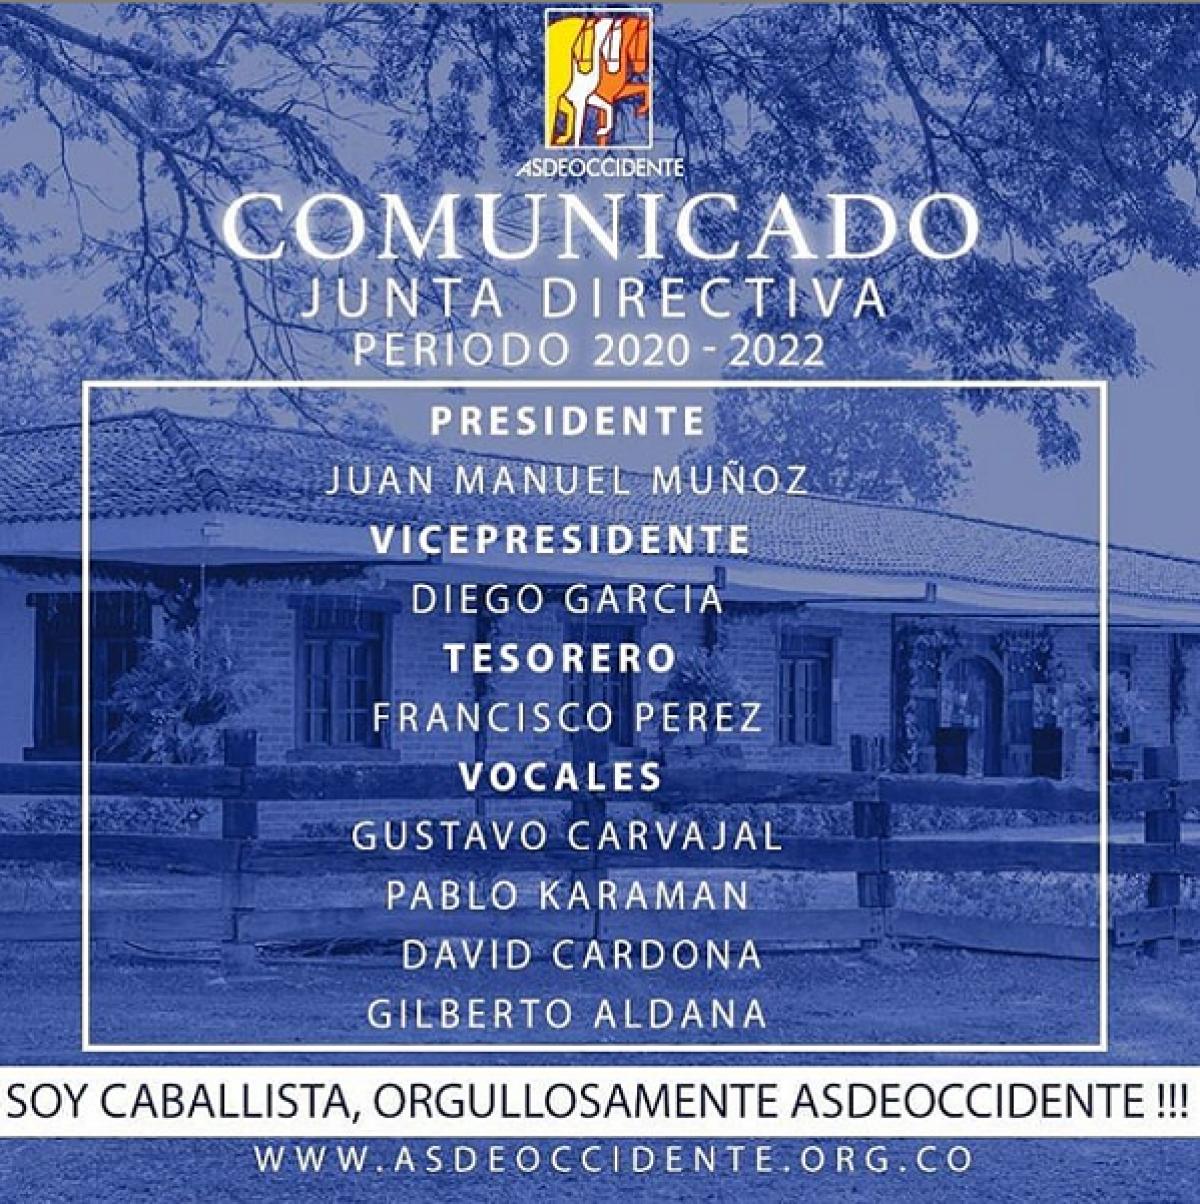 Comunicado: Junta Directiva Período 2020-2022